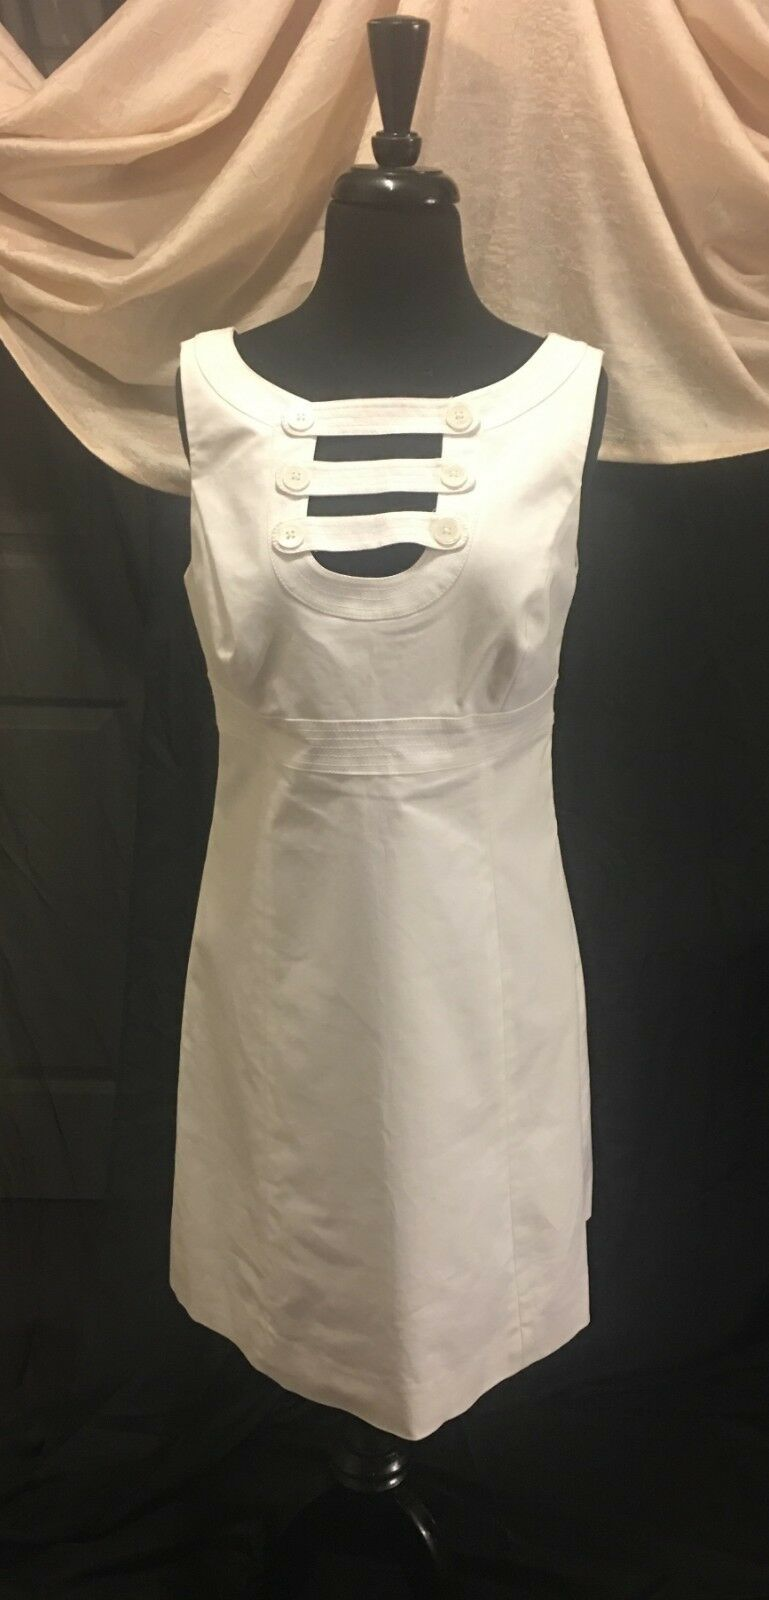 Nuevo Vestido De Tenis blancooo Talla 8